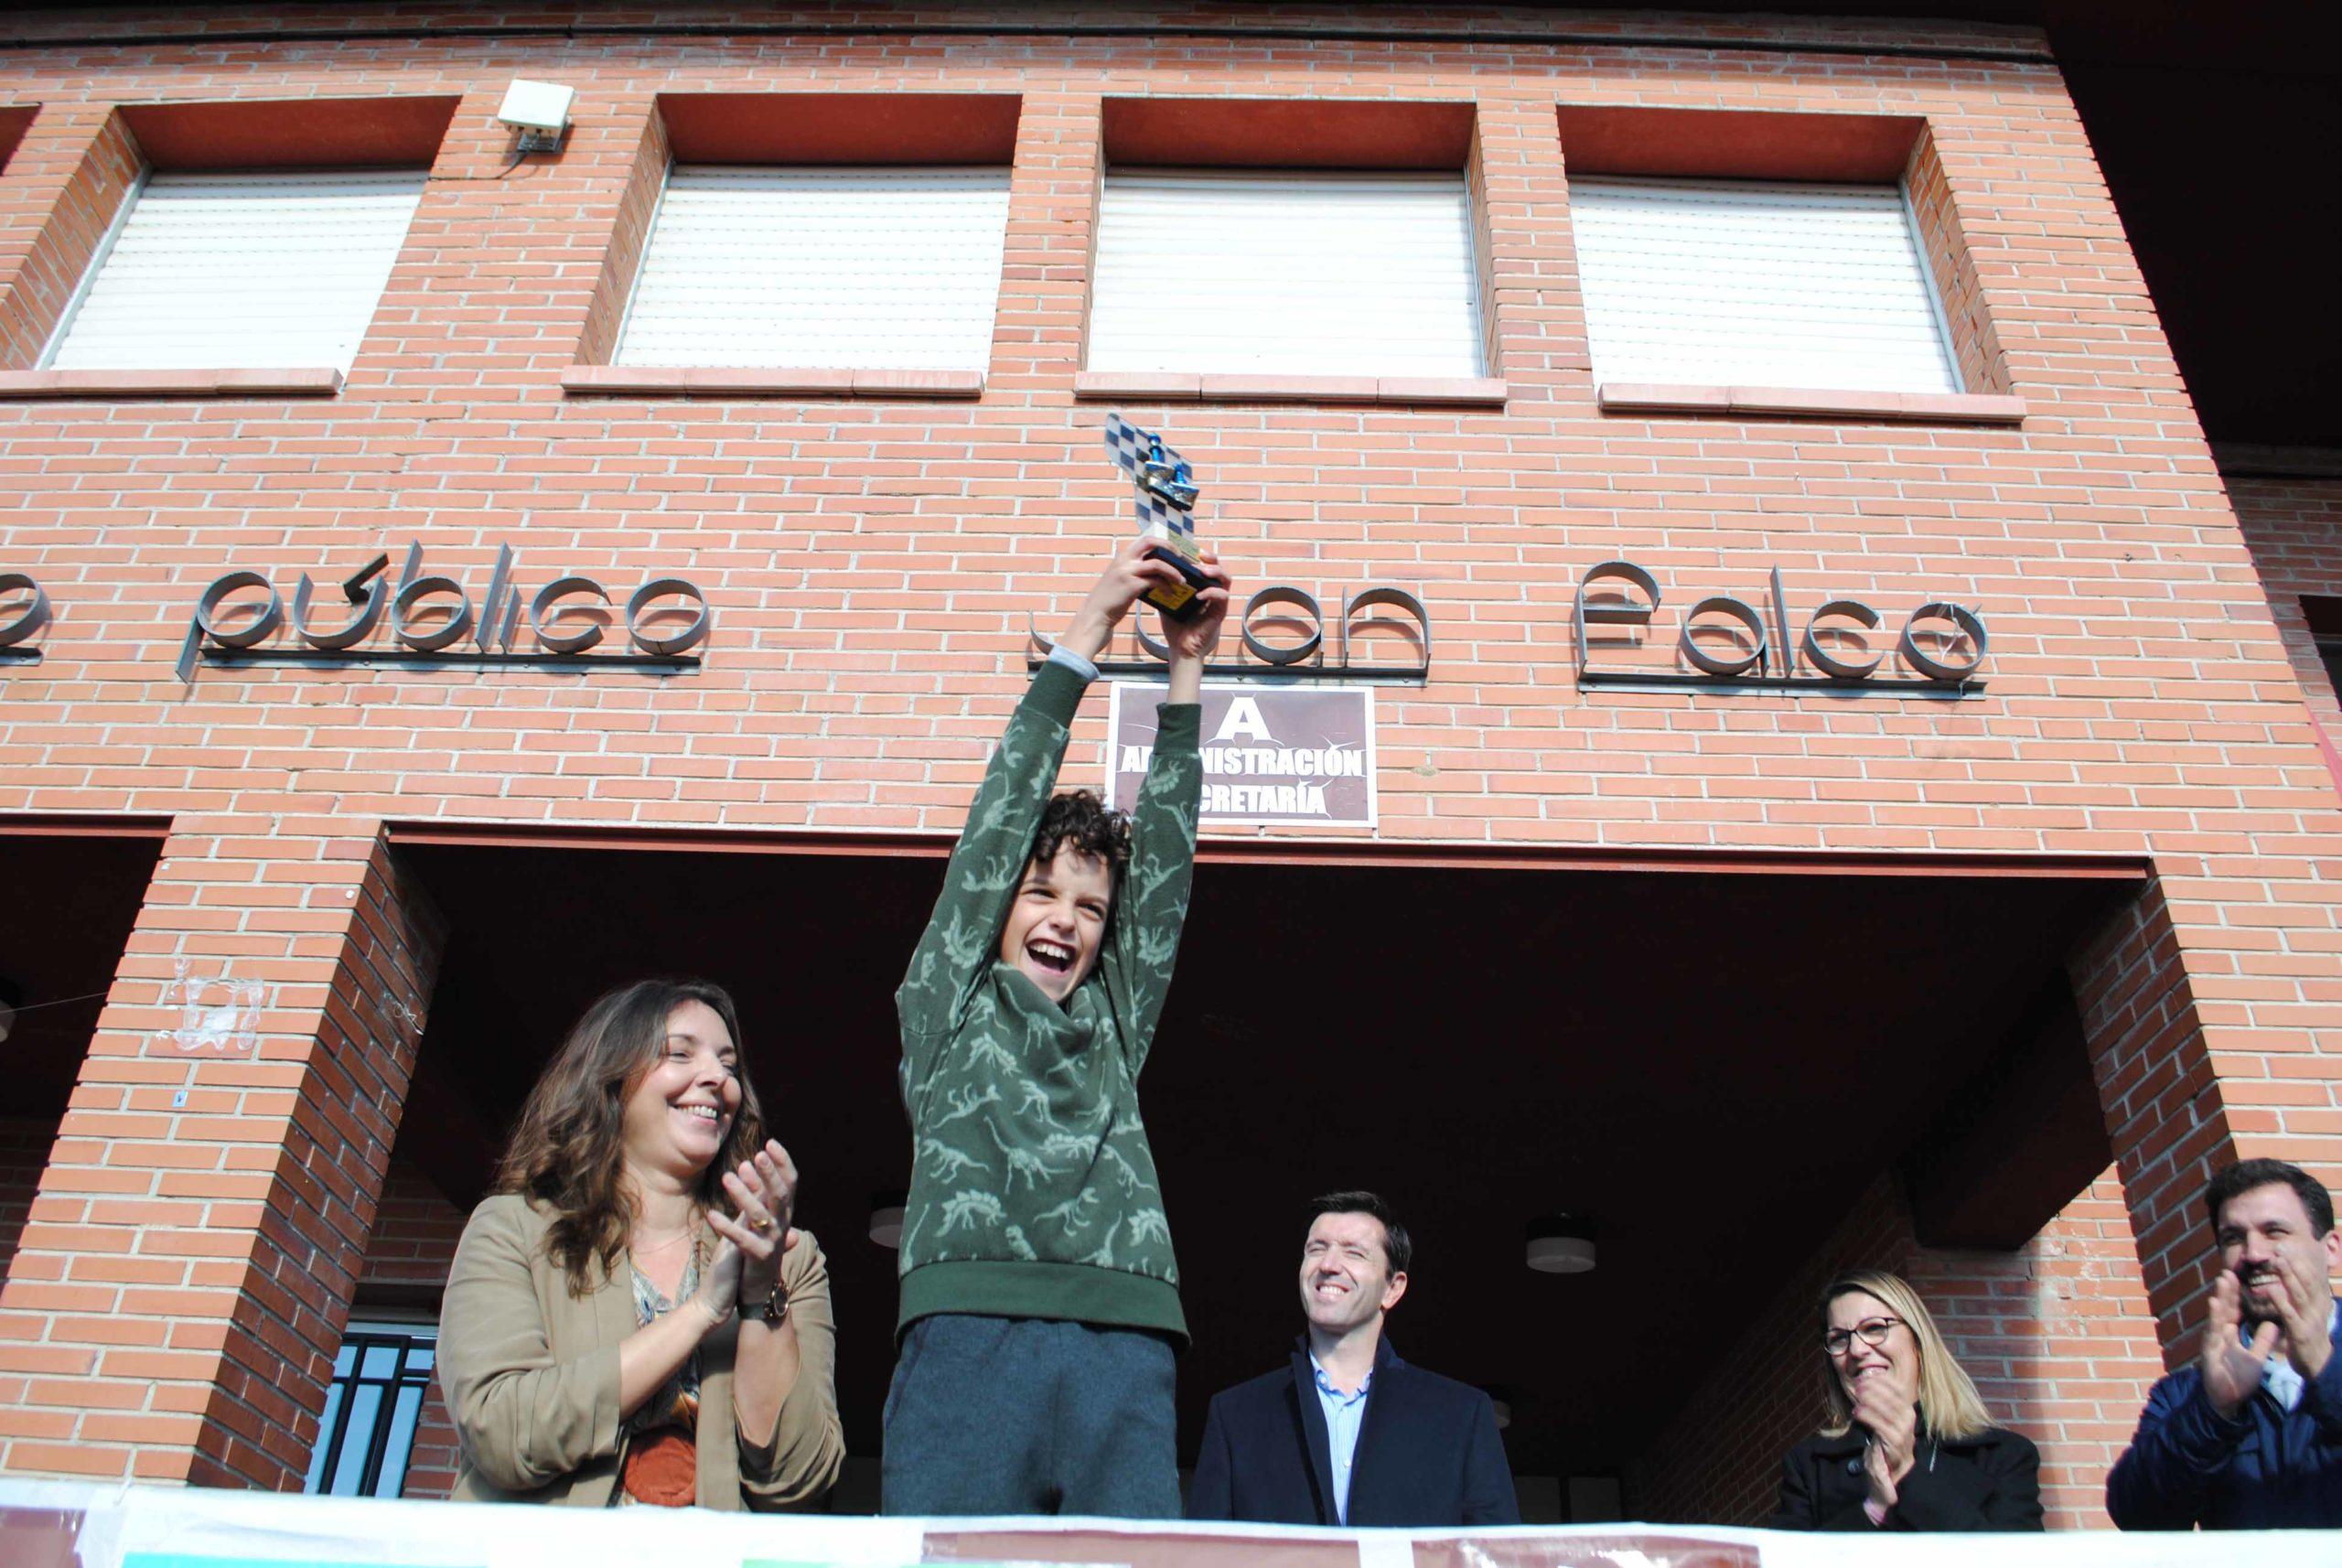 Vibrante entrega de trofeos de los campeonatos de juegos tradicionales disputados en el Juan Falcó,  todo un colegio aplaudiendo a sus 'campeones' a la oca, las damas y el ajedrez para elevar incluso desde las aulas  el eco de las Fiestas de Valdemorillo